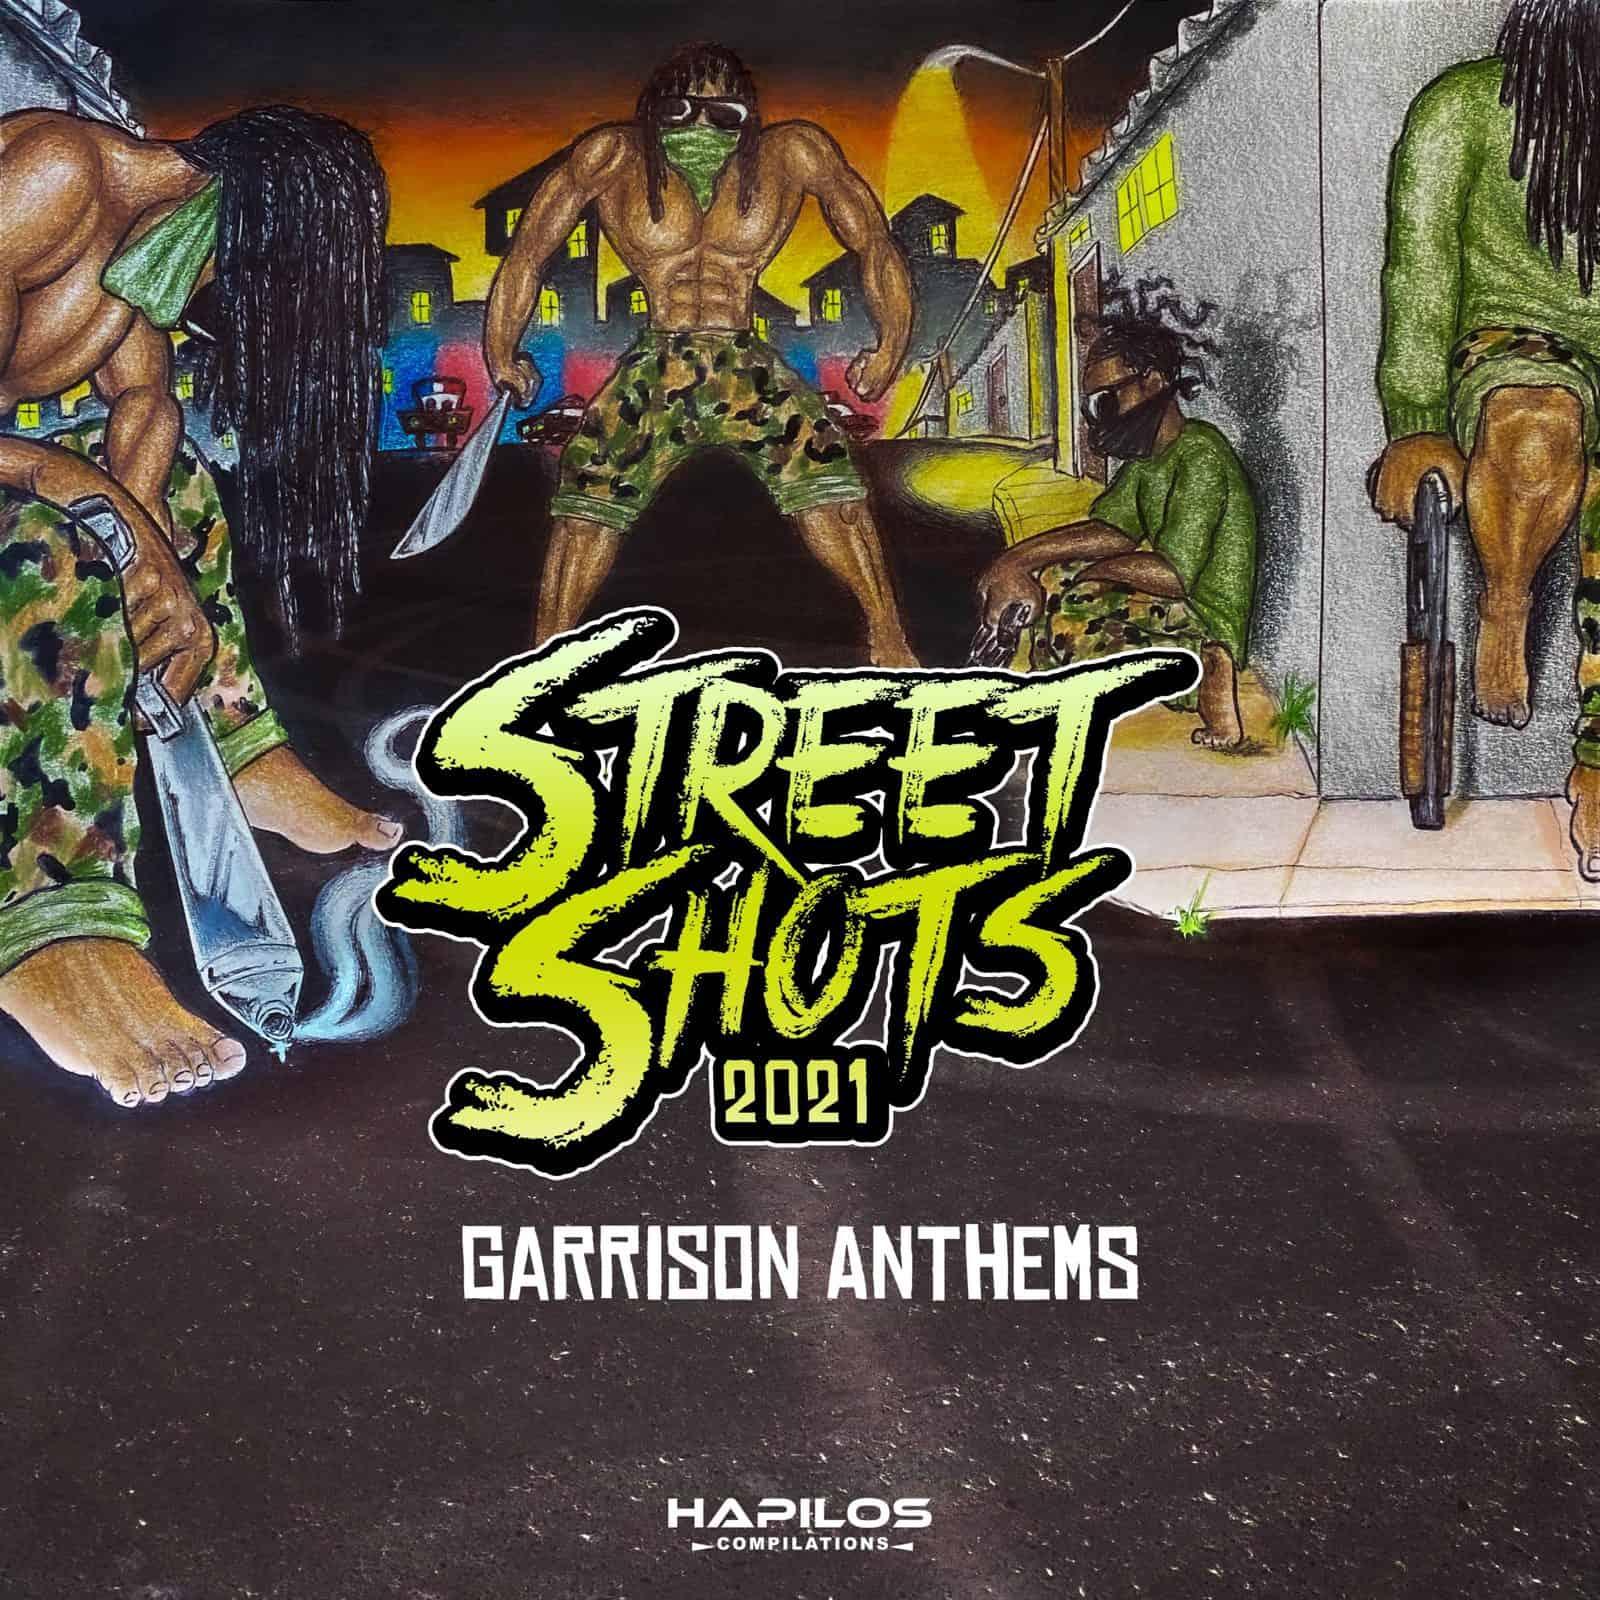 Street Shots 2021: Garrison Anthems